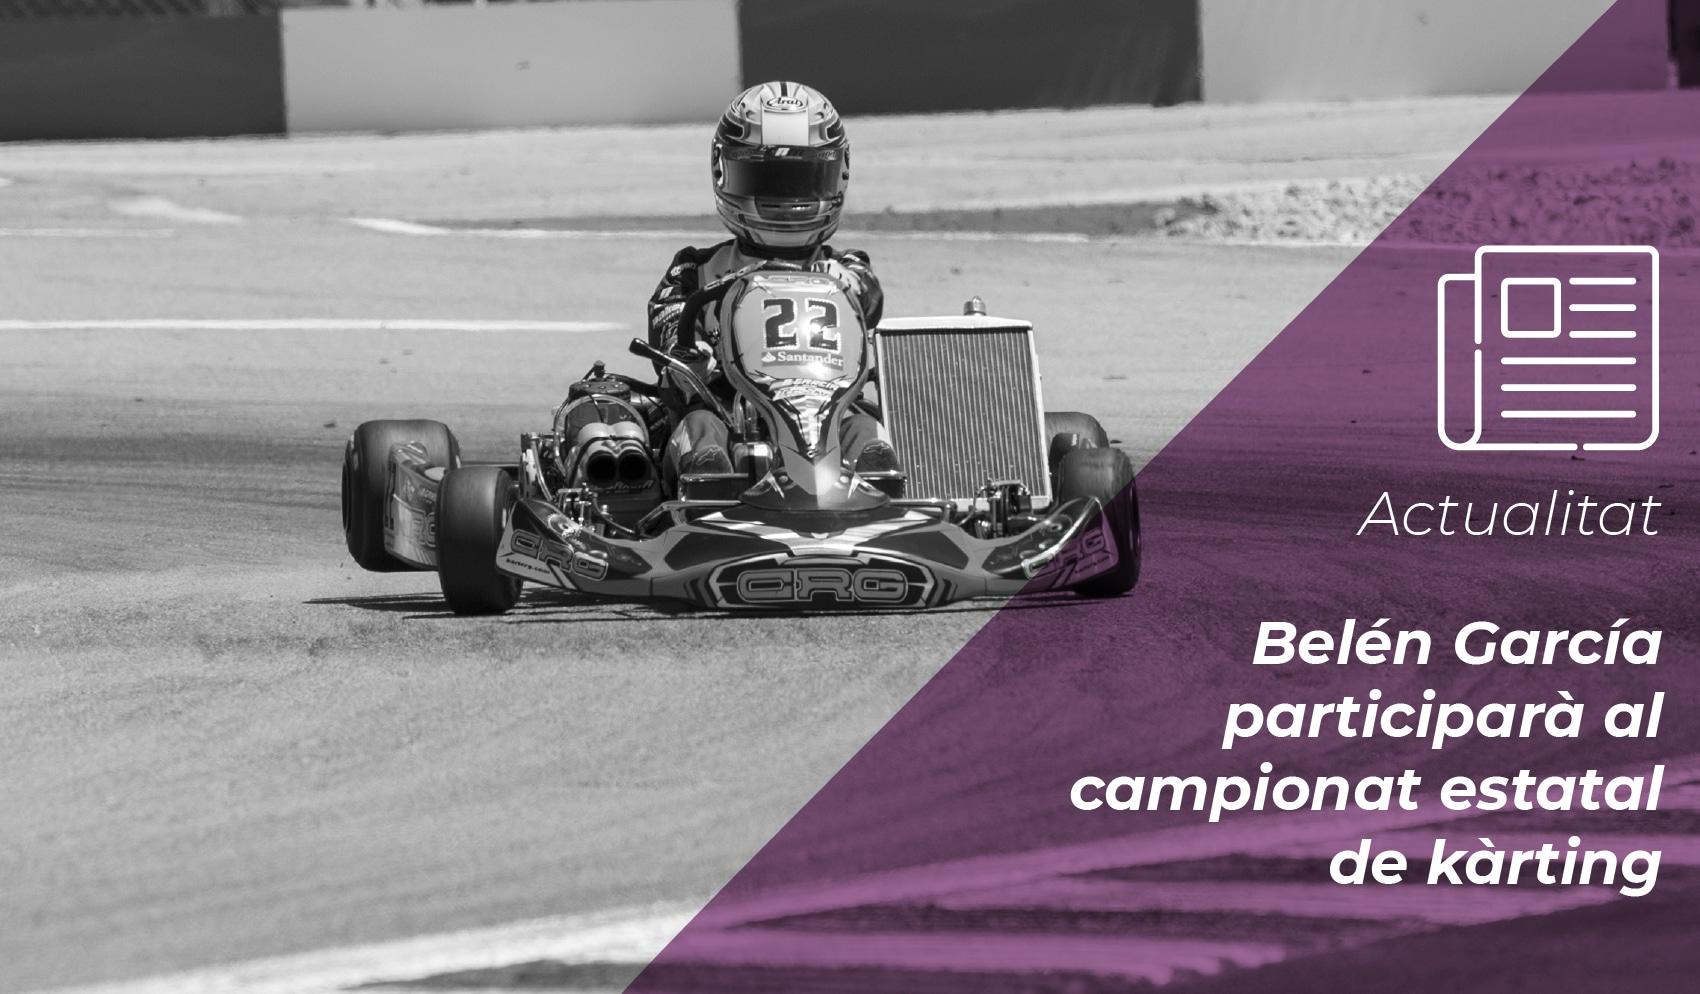 Belén García participarà al campionat estatal de kàrting després de la suspensió de les W Series 1